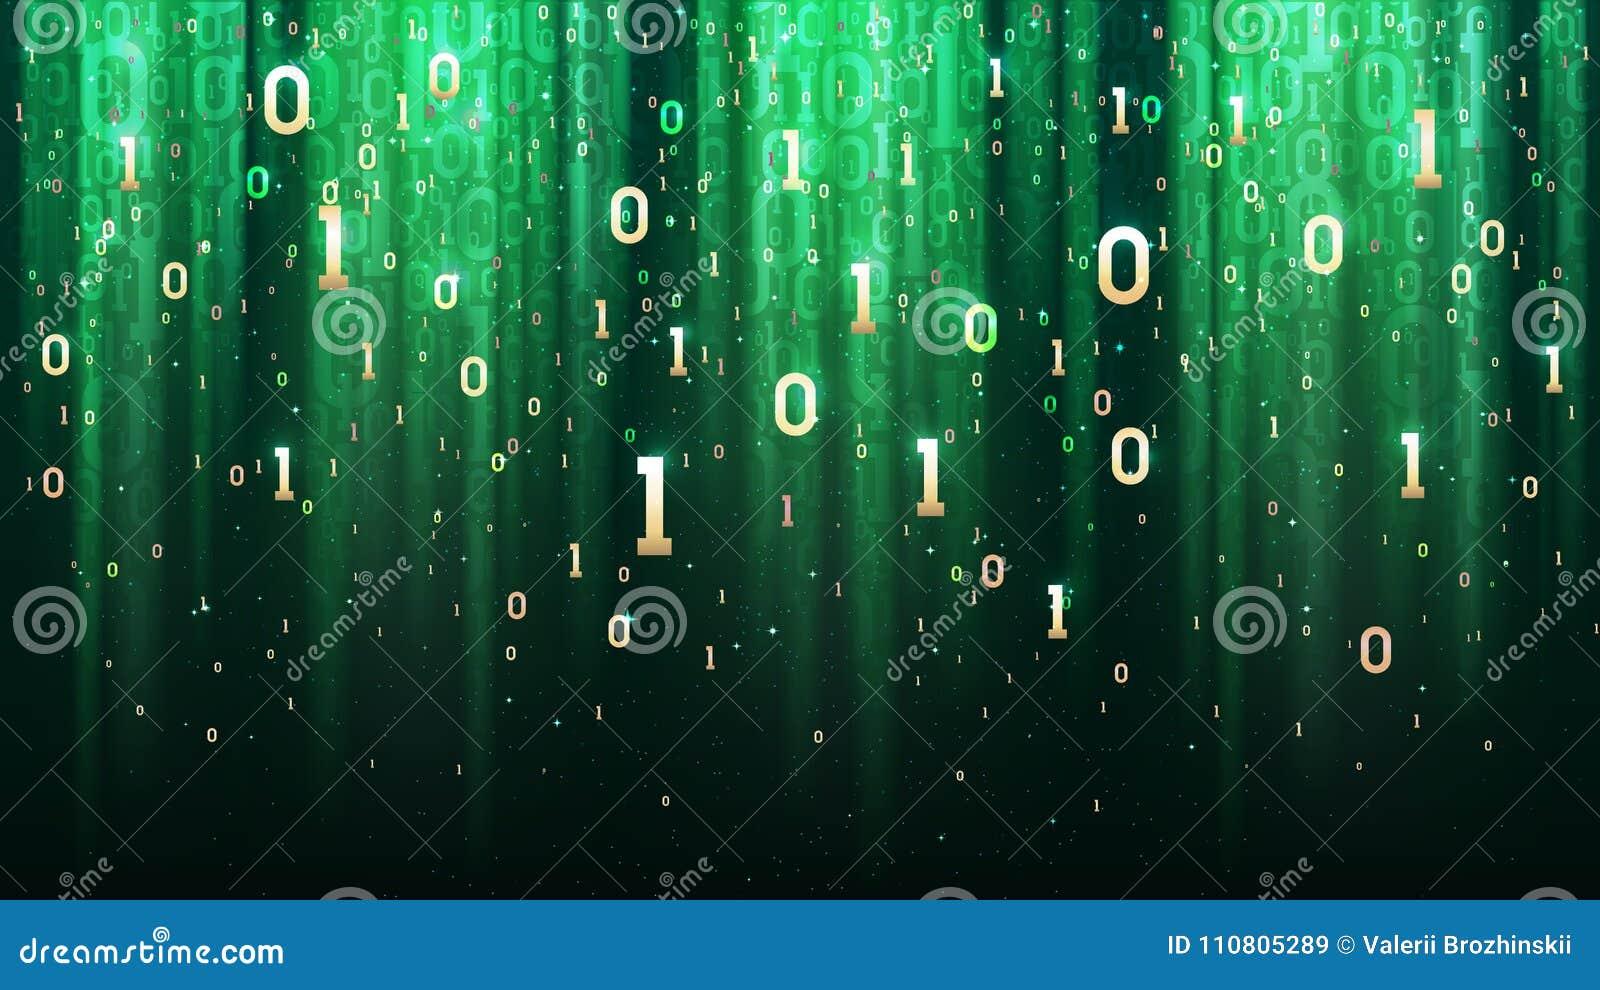 Σκούρο πράσινο υπόβαθρο με το δυαδικό κώδικα, τσέκια, ελαφριά, χρυσά ψηφία στο διάστημα